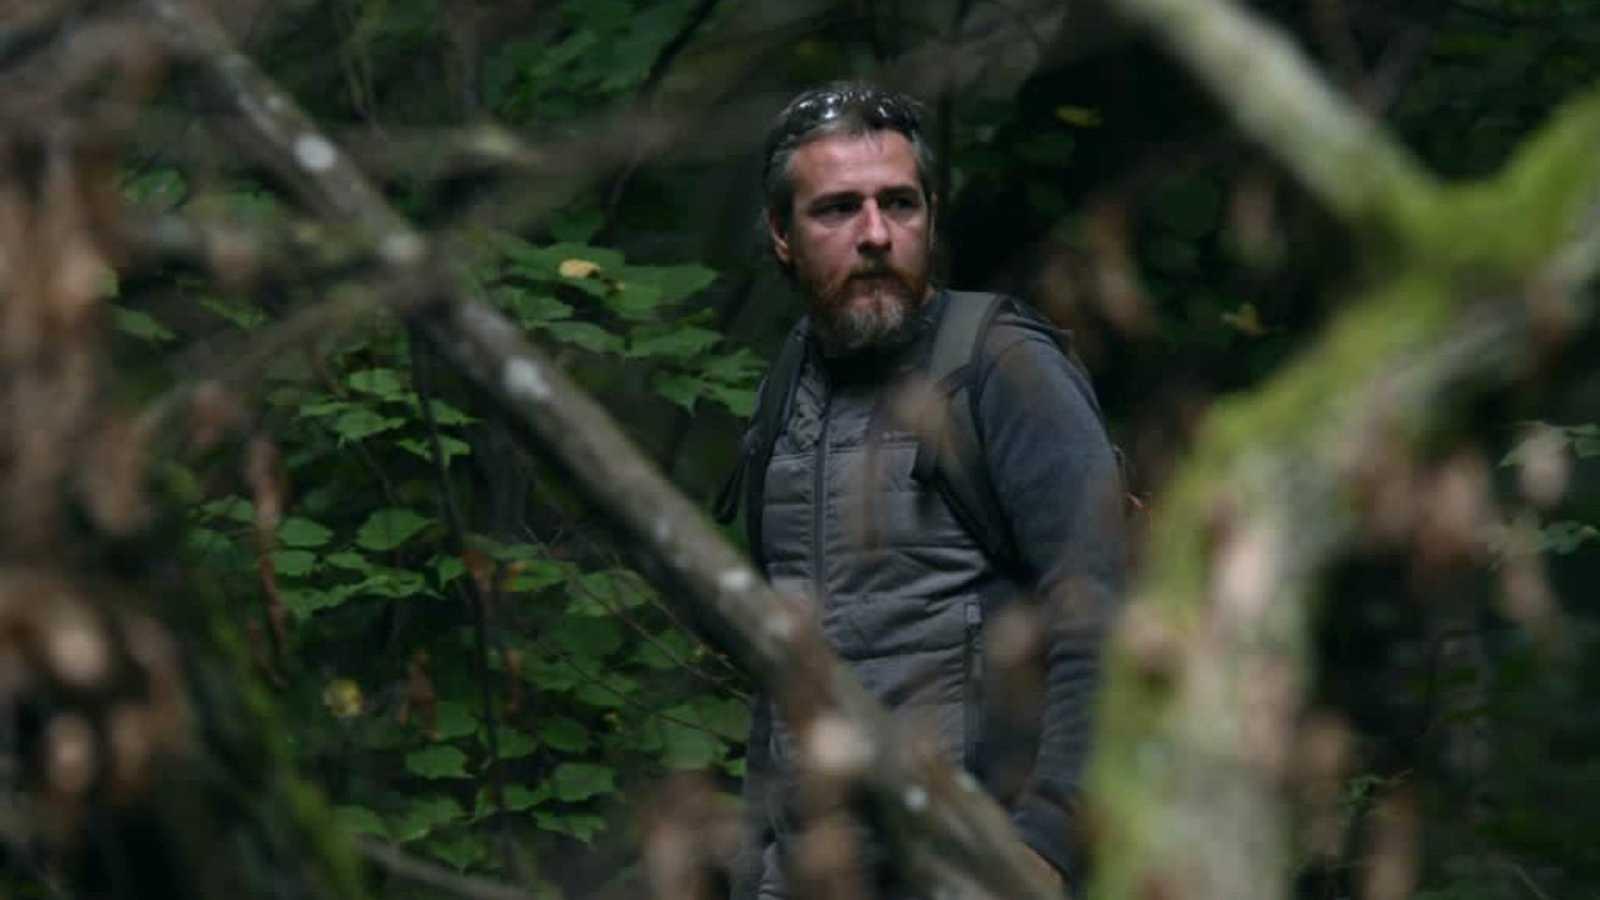 Sin atajos - Alex Gesse, nos sumerge en el bosque - 26/10/20 - escuchar ahora